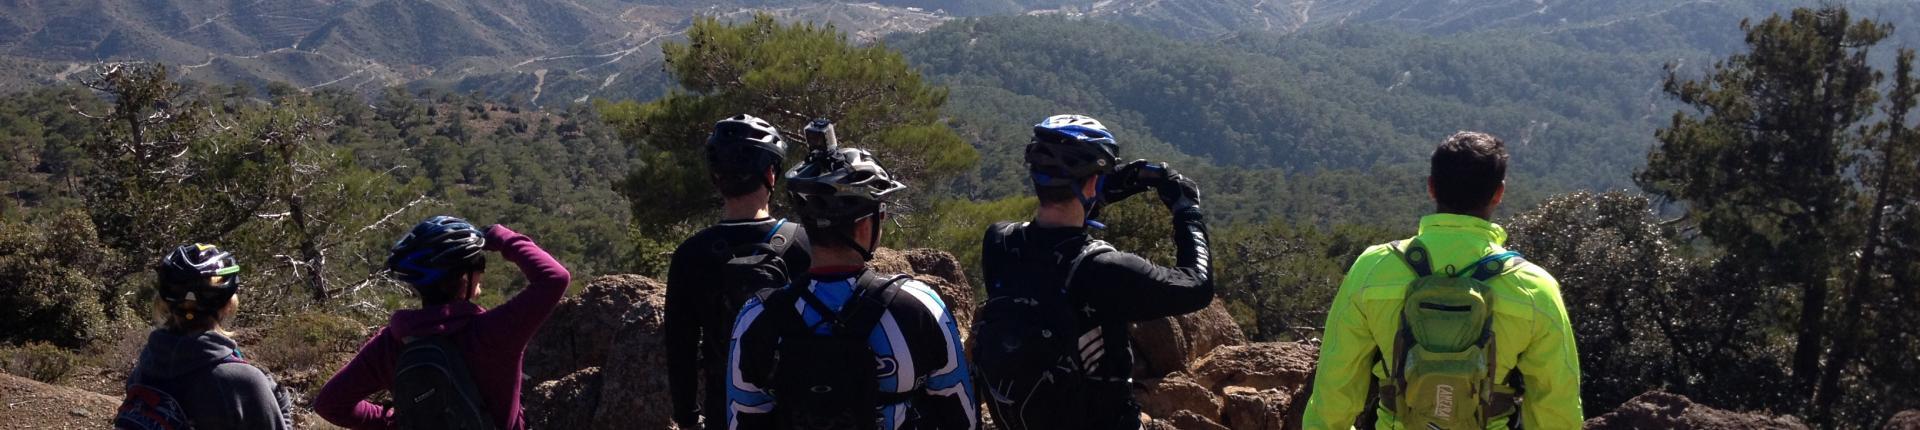 טיול אופניים בקפריסין: רכיבת שטח בהרי הטרודוס